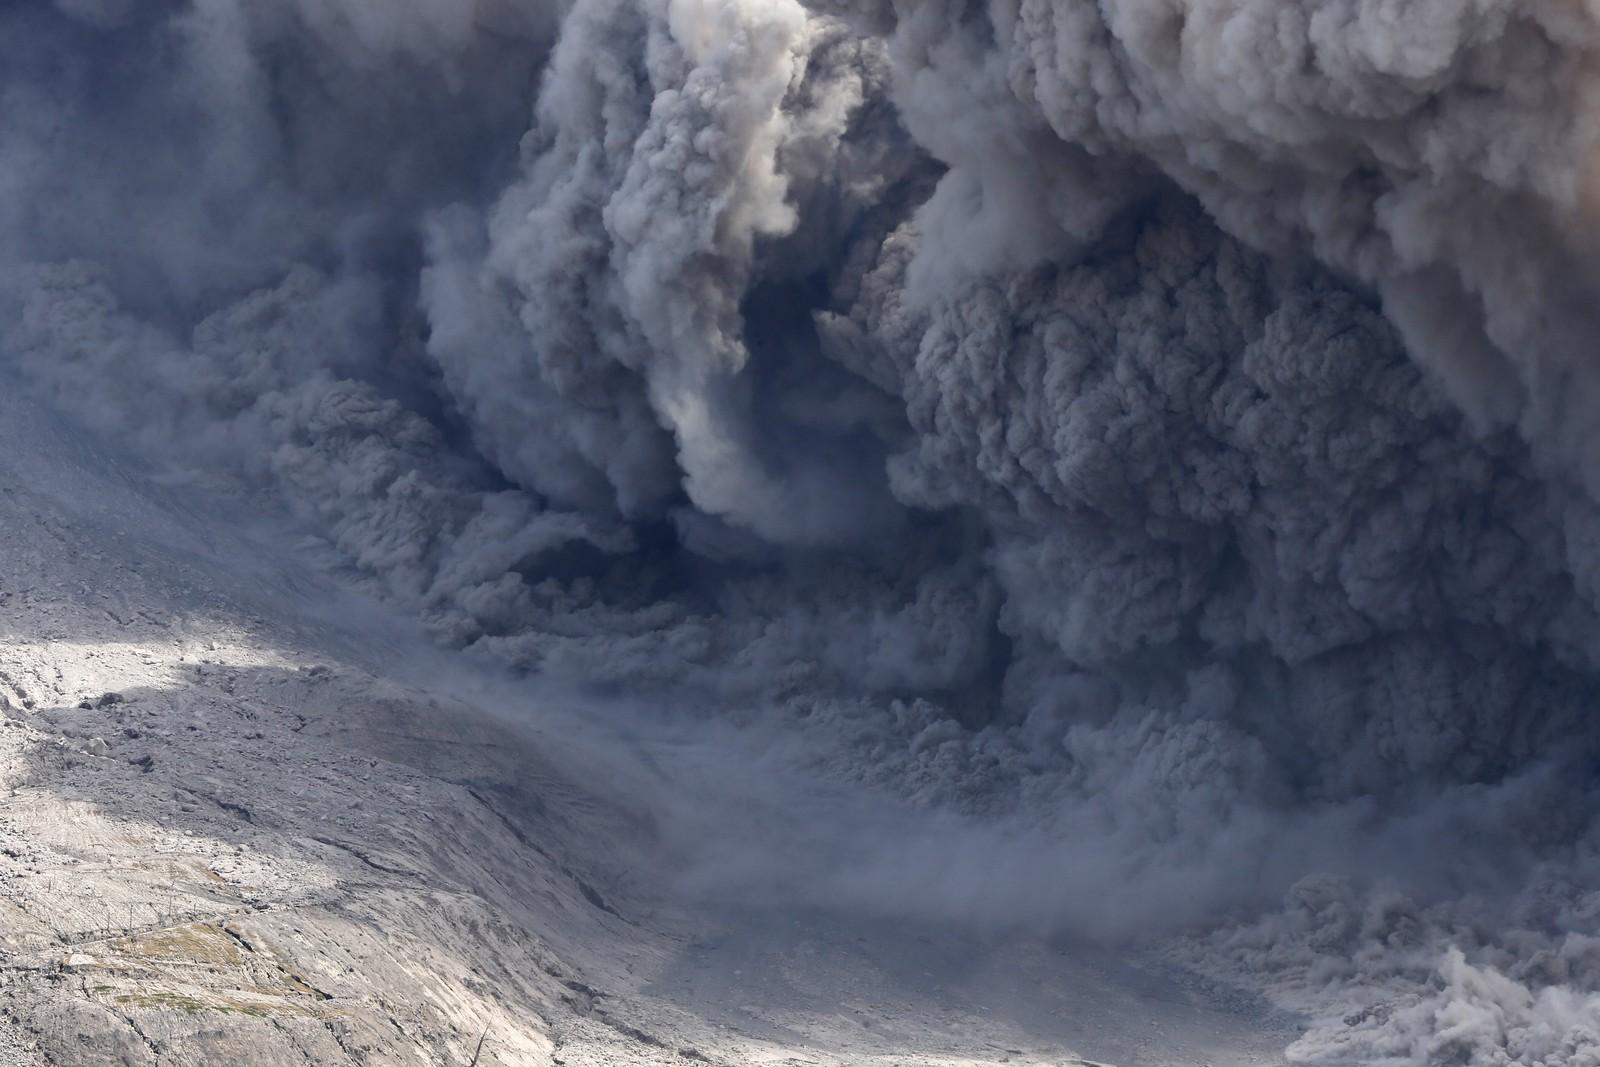 Som følge av et utbrudd kommer det store mengder asle fra fulkanen Mount Sinabung i Indonesia. Bildet er tatt fra byen Tiga Serangkai 24. juni.